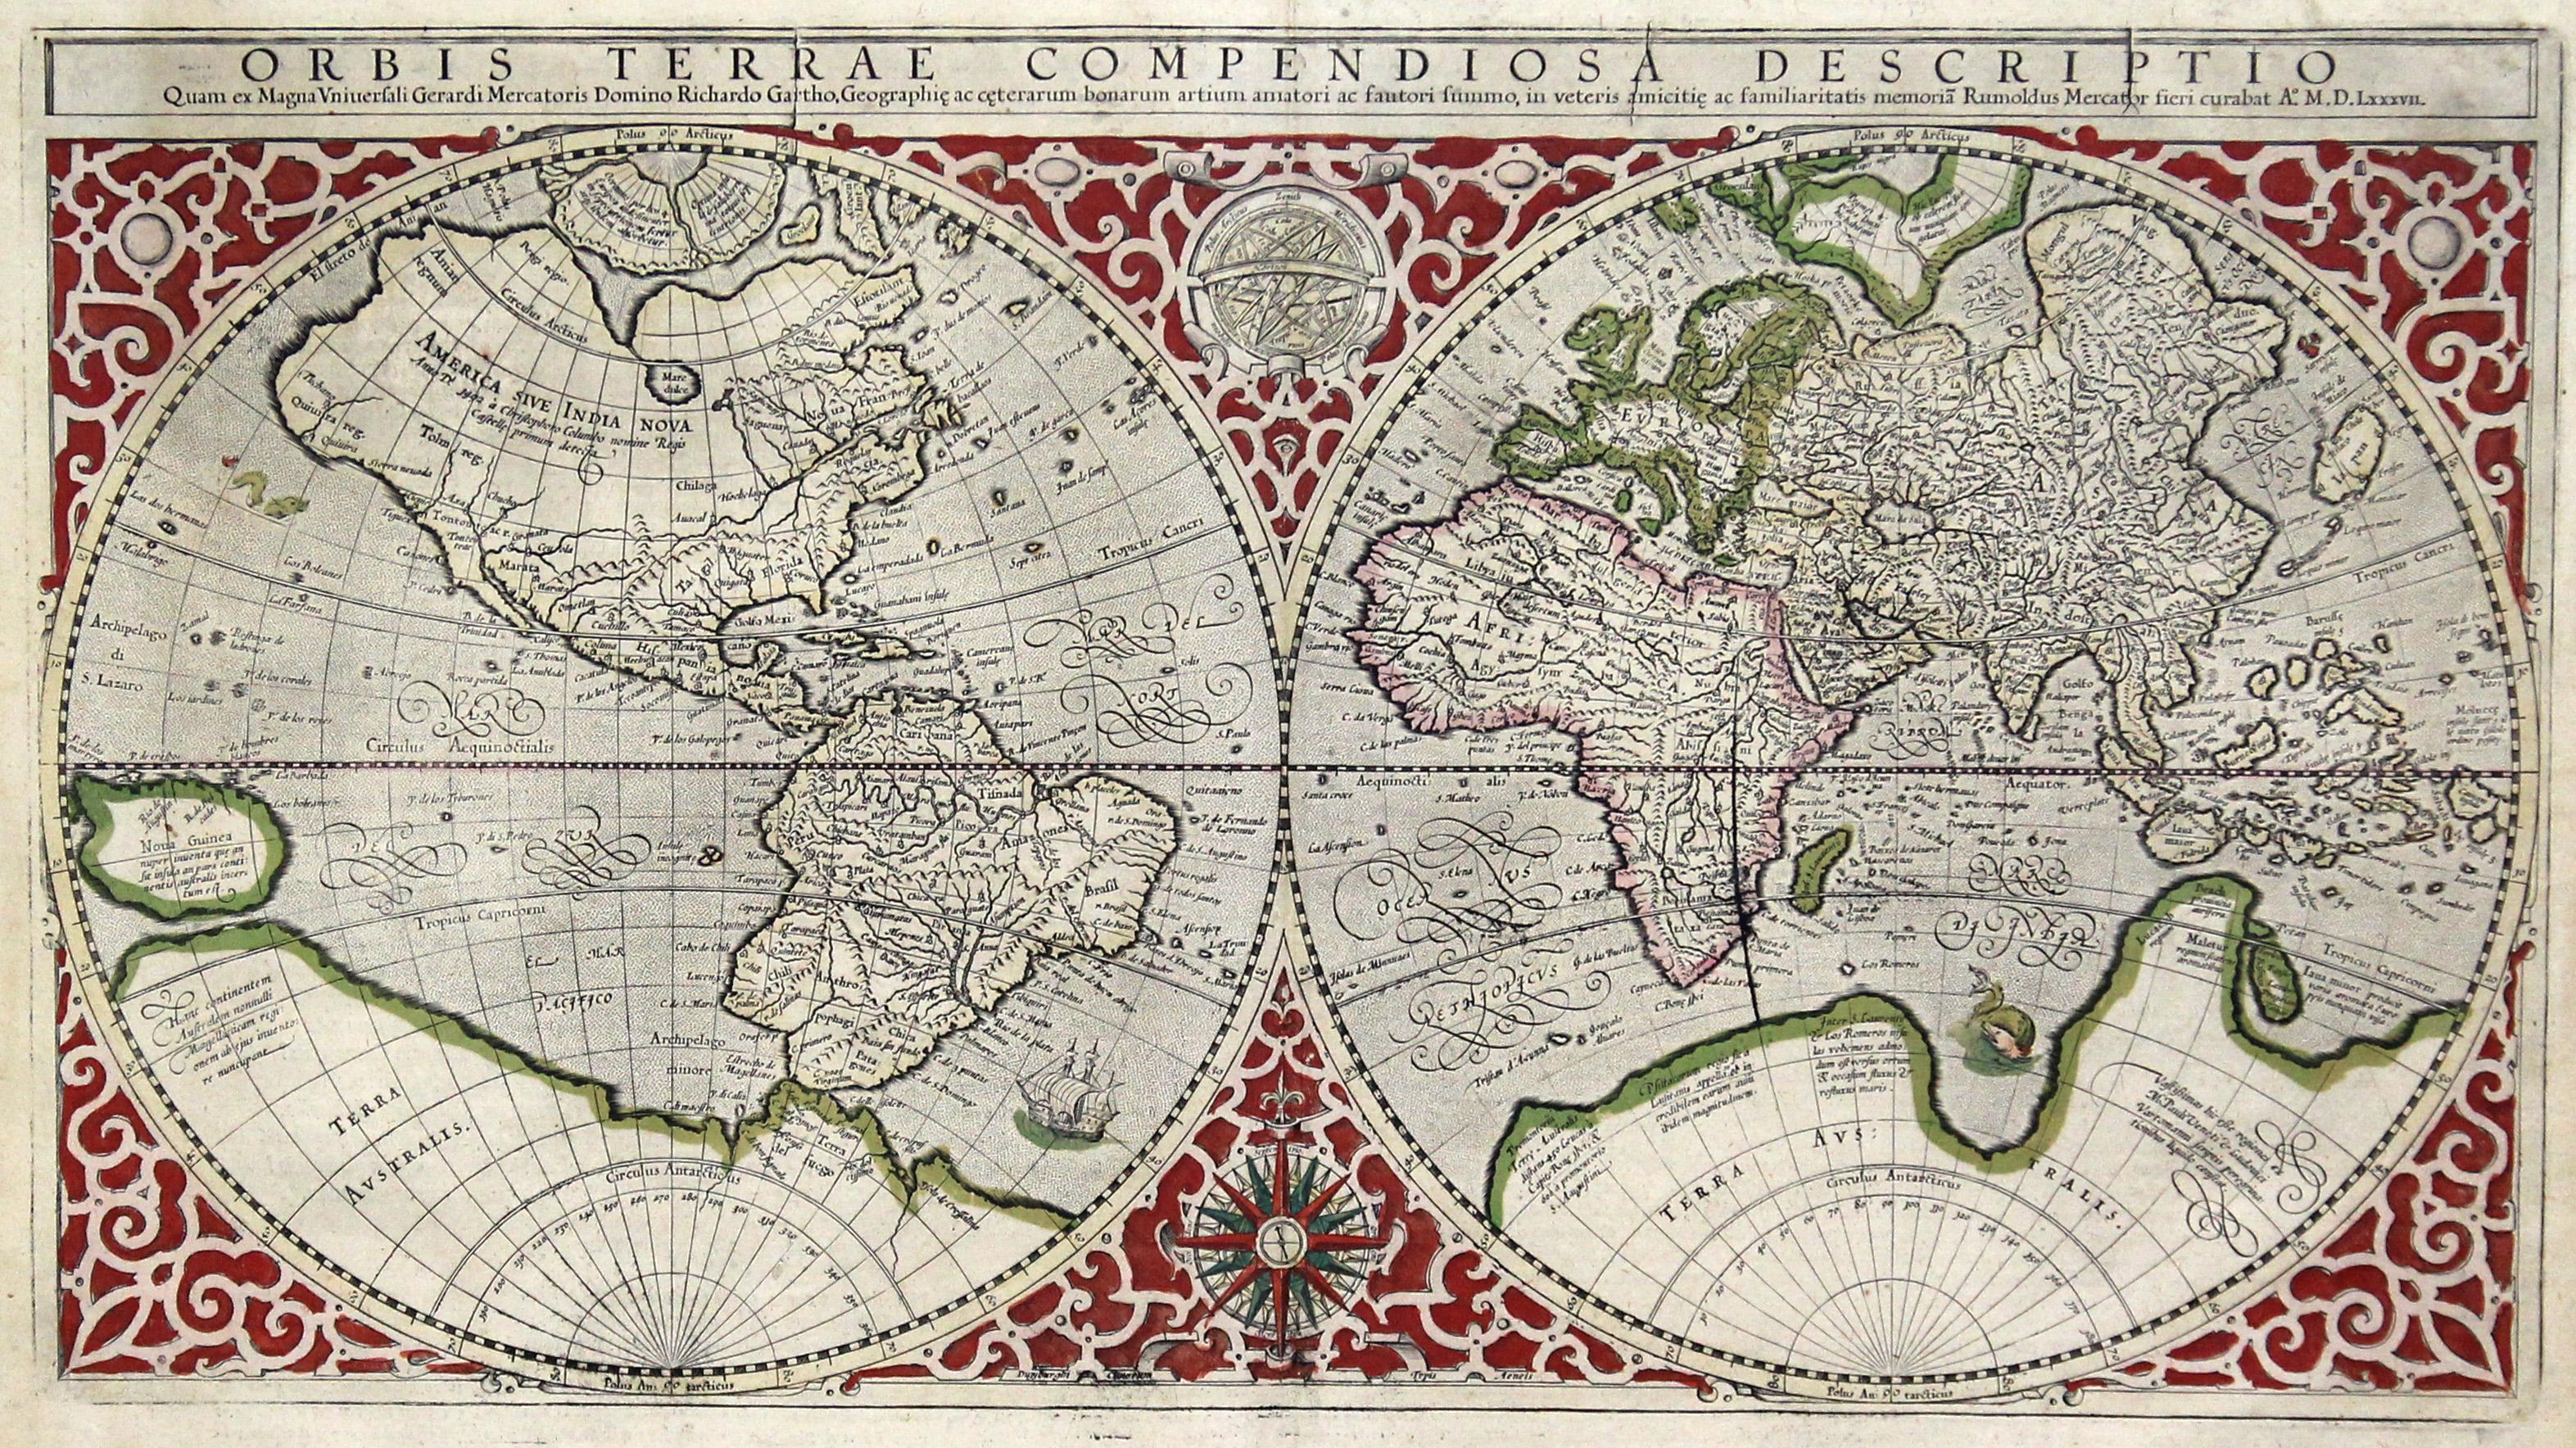 Kupferstich Karte V Rumold Mercator N Gerhard Mercator Orbis